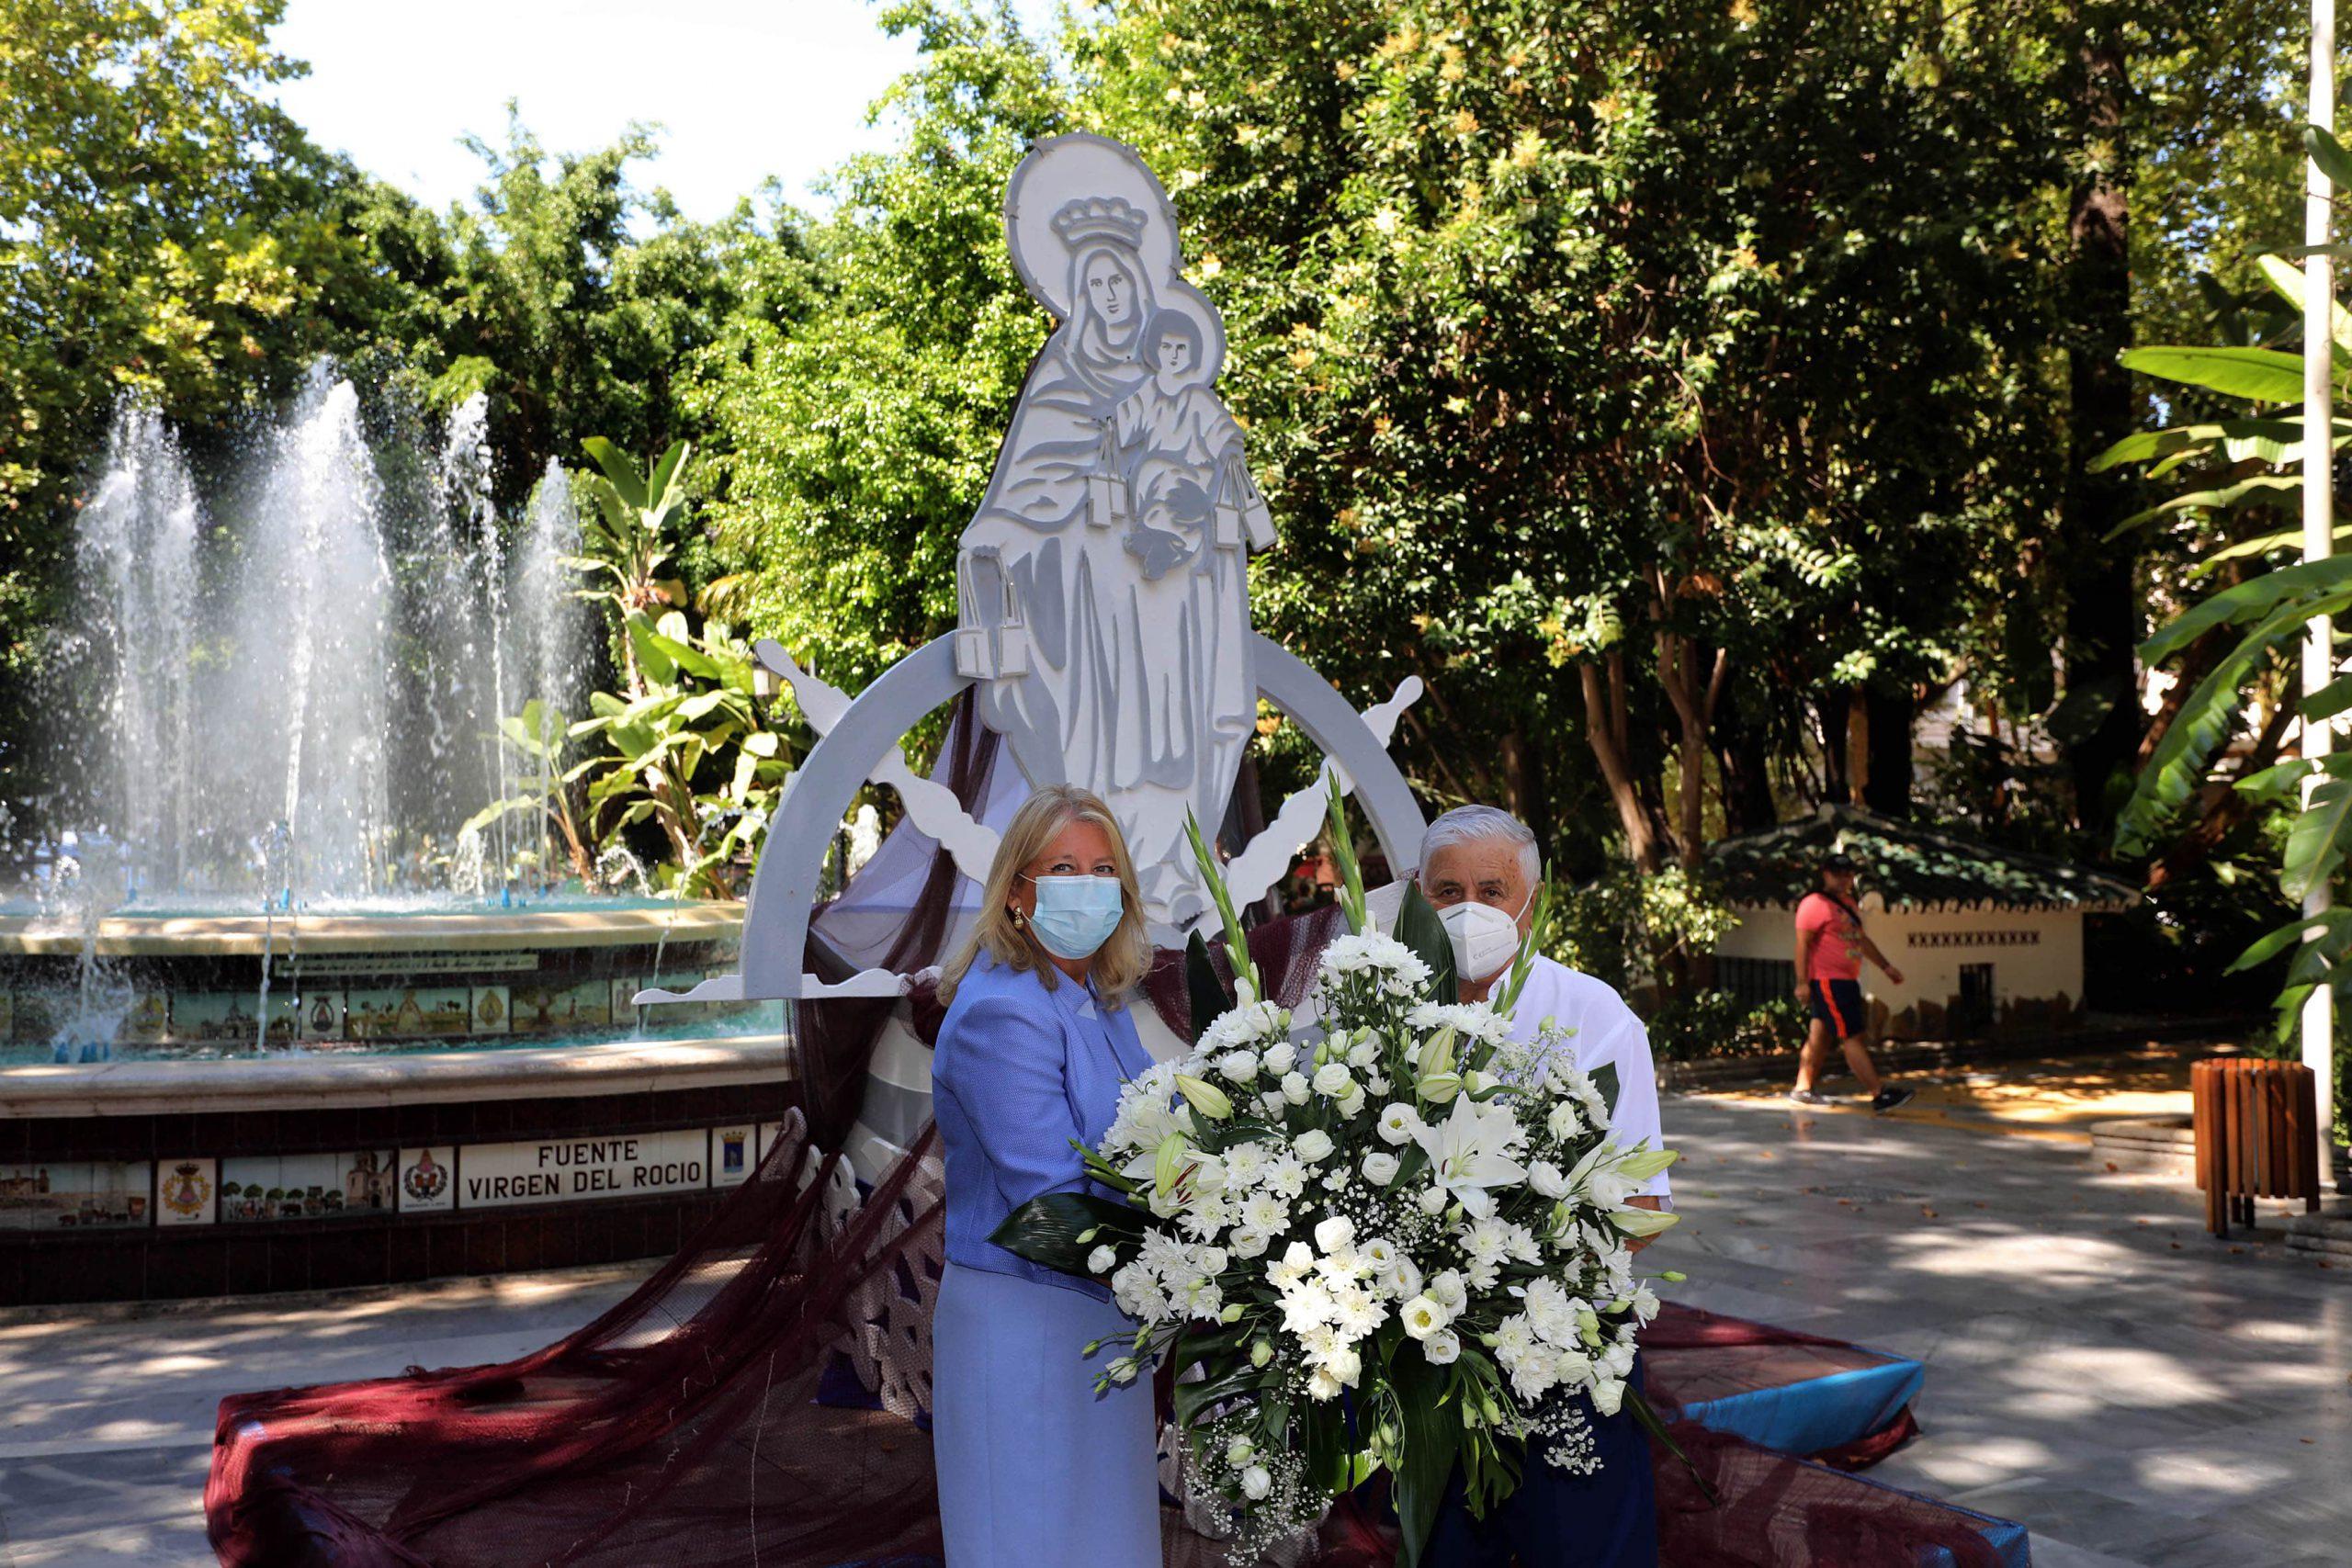 Marbella celebra la festividad de la Virgen del Carmen con un altar con motivos marineros